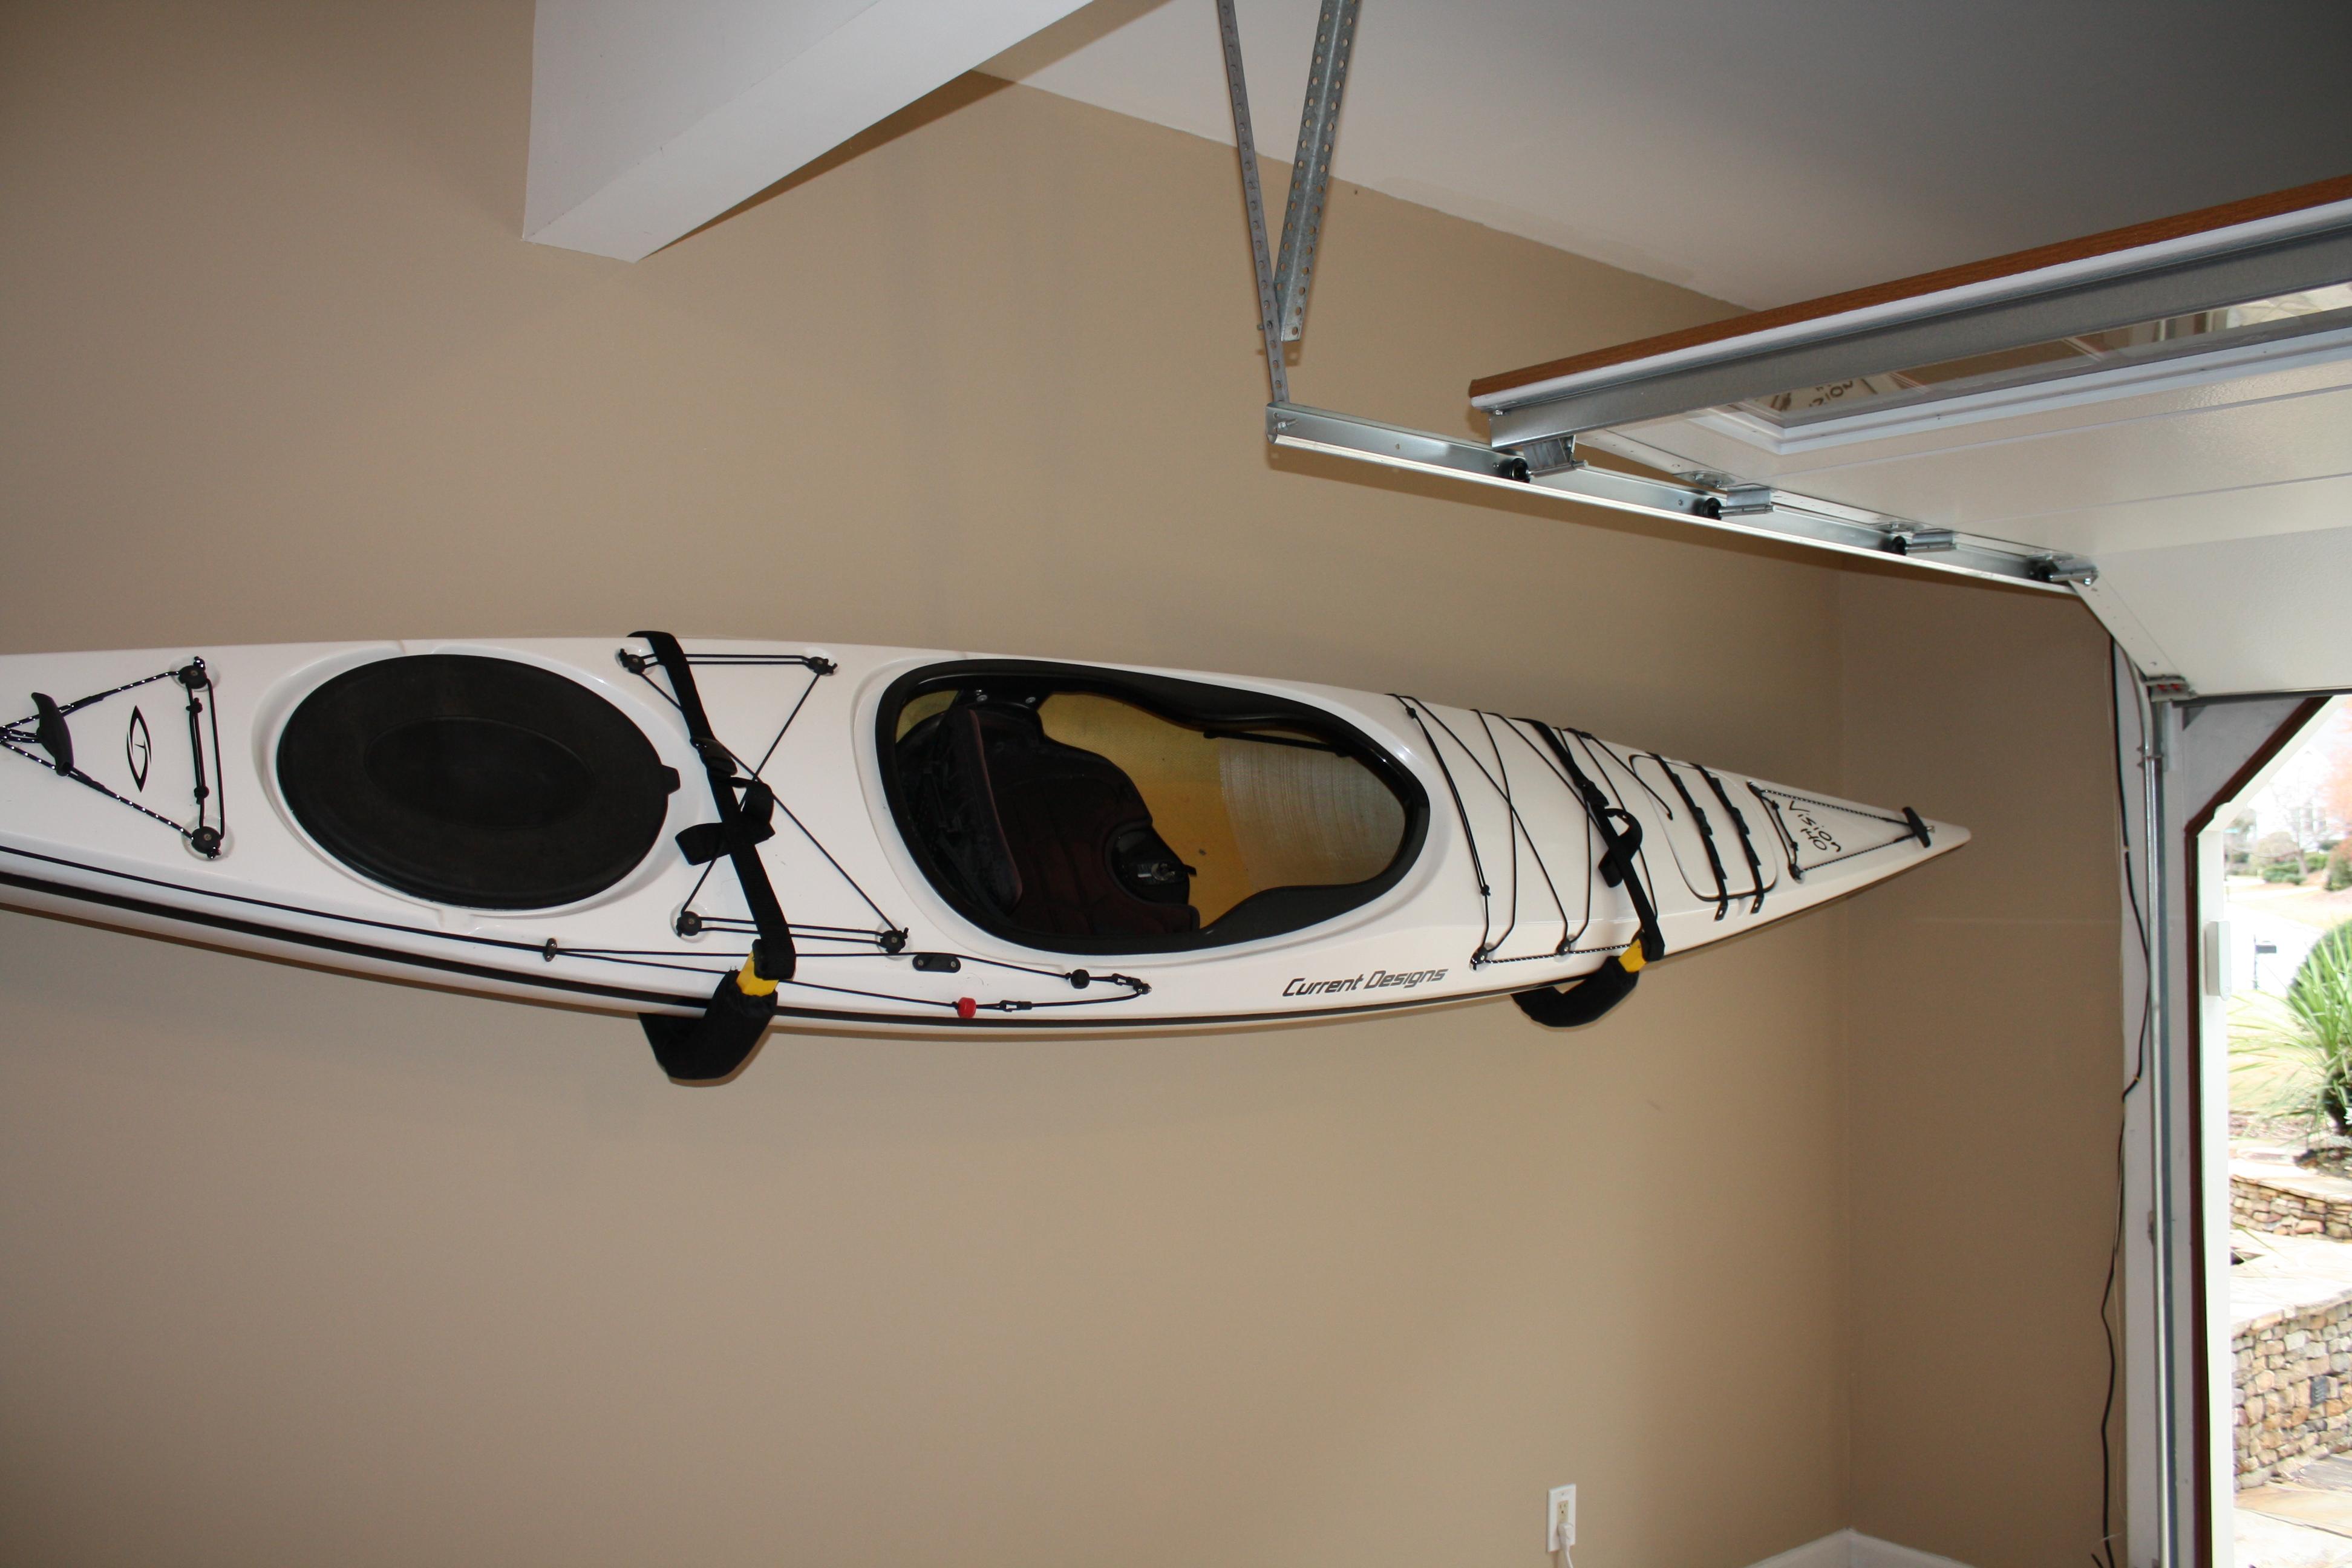 ideas for storing kayaks in garage - Padded Kayak Wall Rack